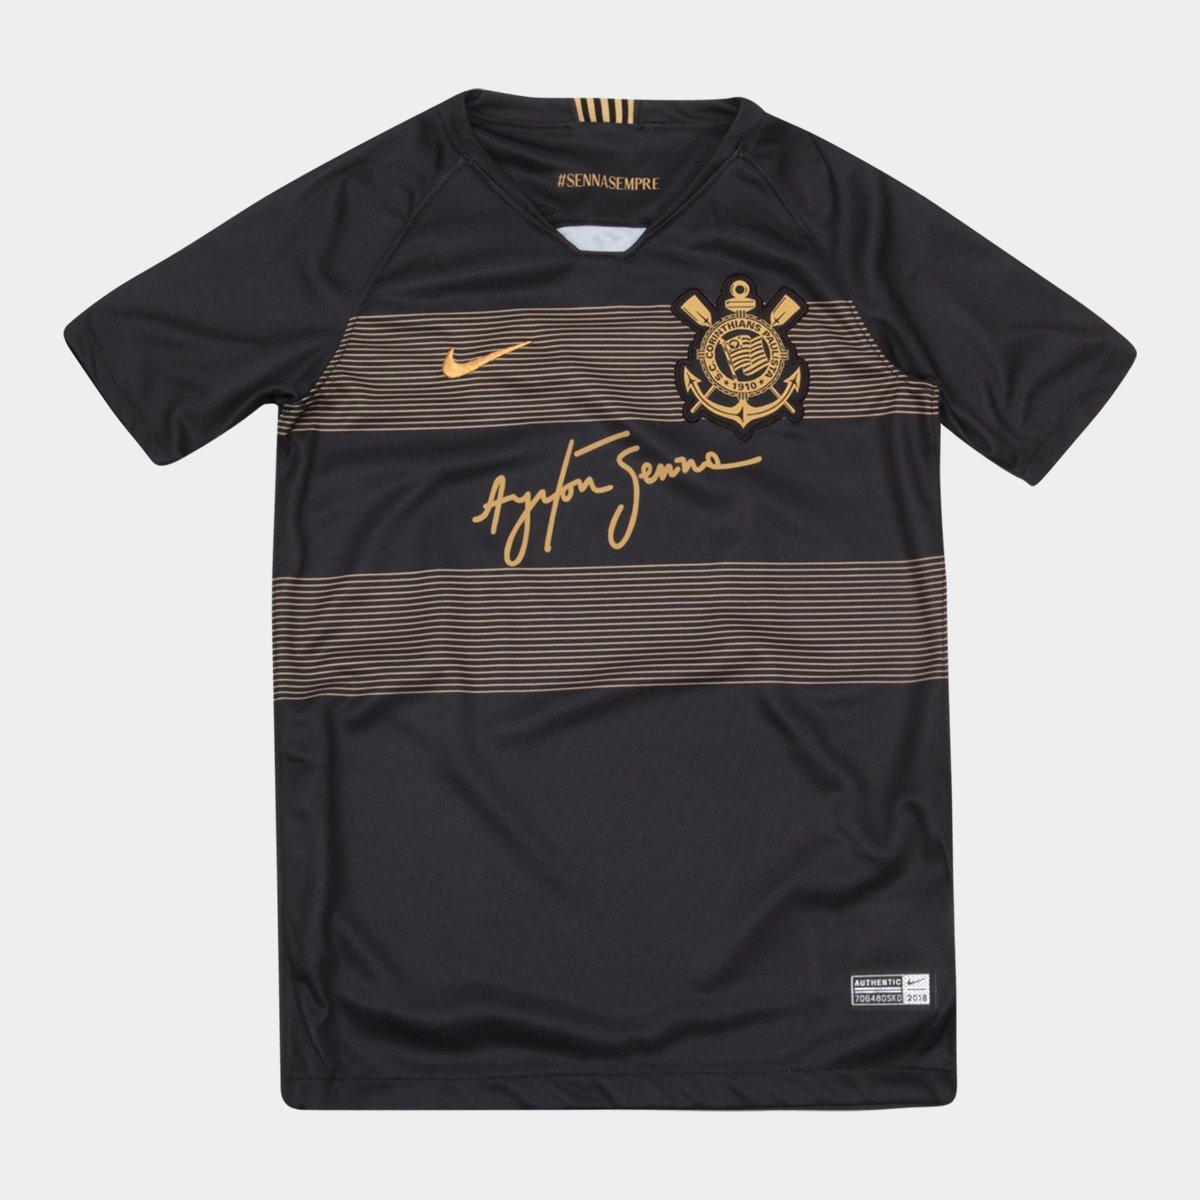 Corinthians, la terza maglia in onore di Ayrton Senna